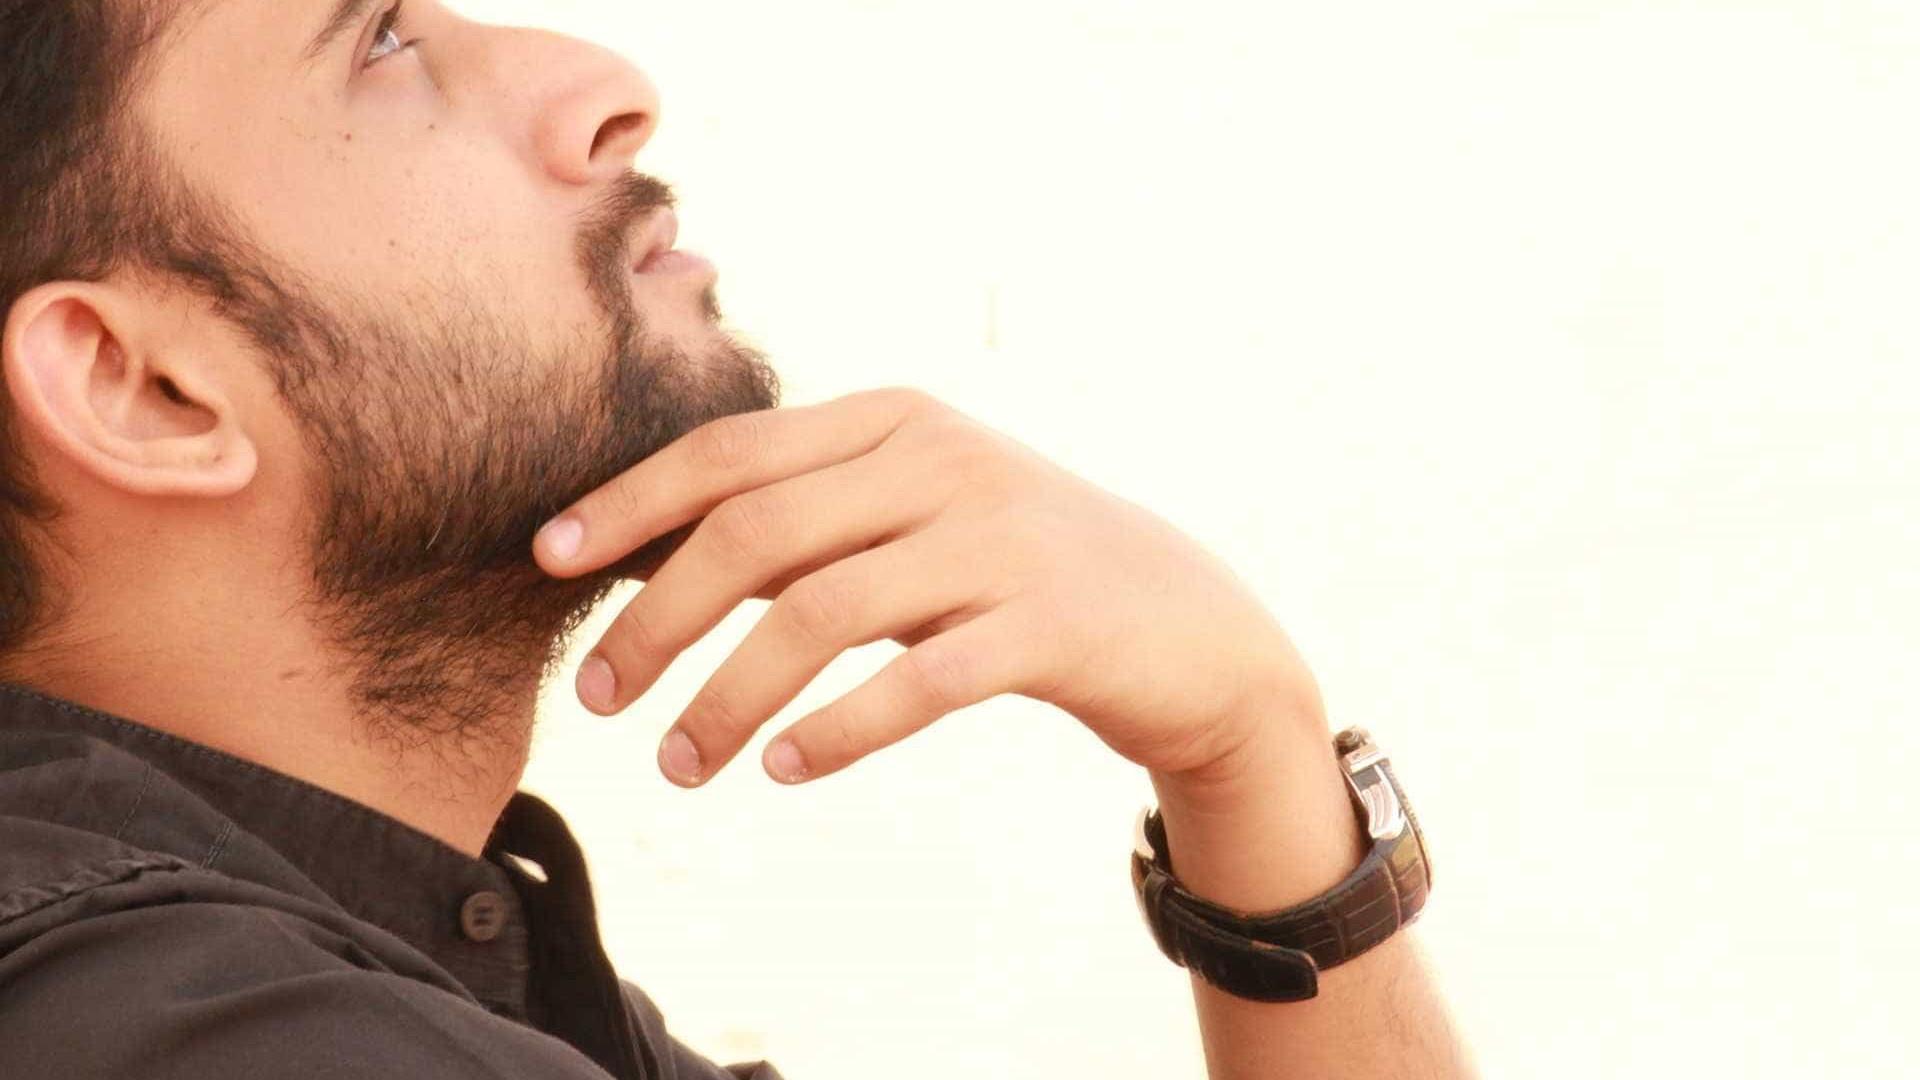 Cientistas descobrem spray que deixa os homens mais atraentes